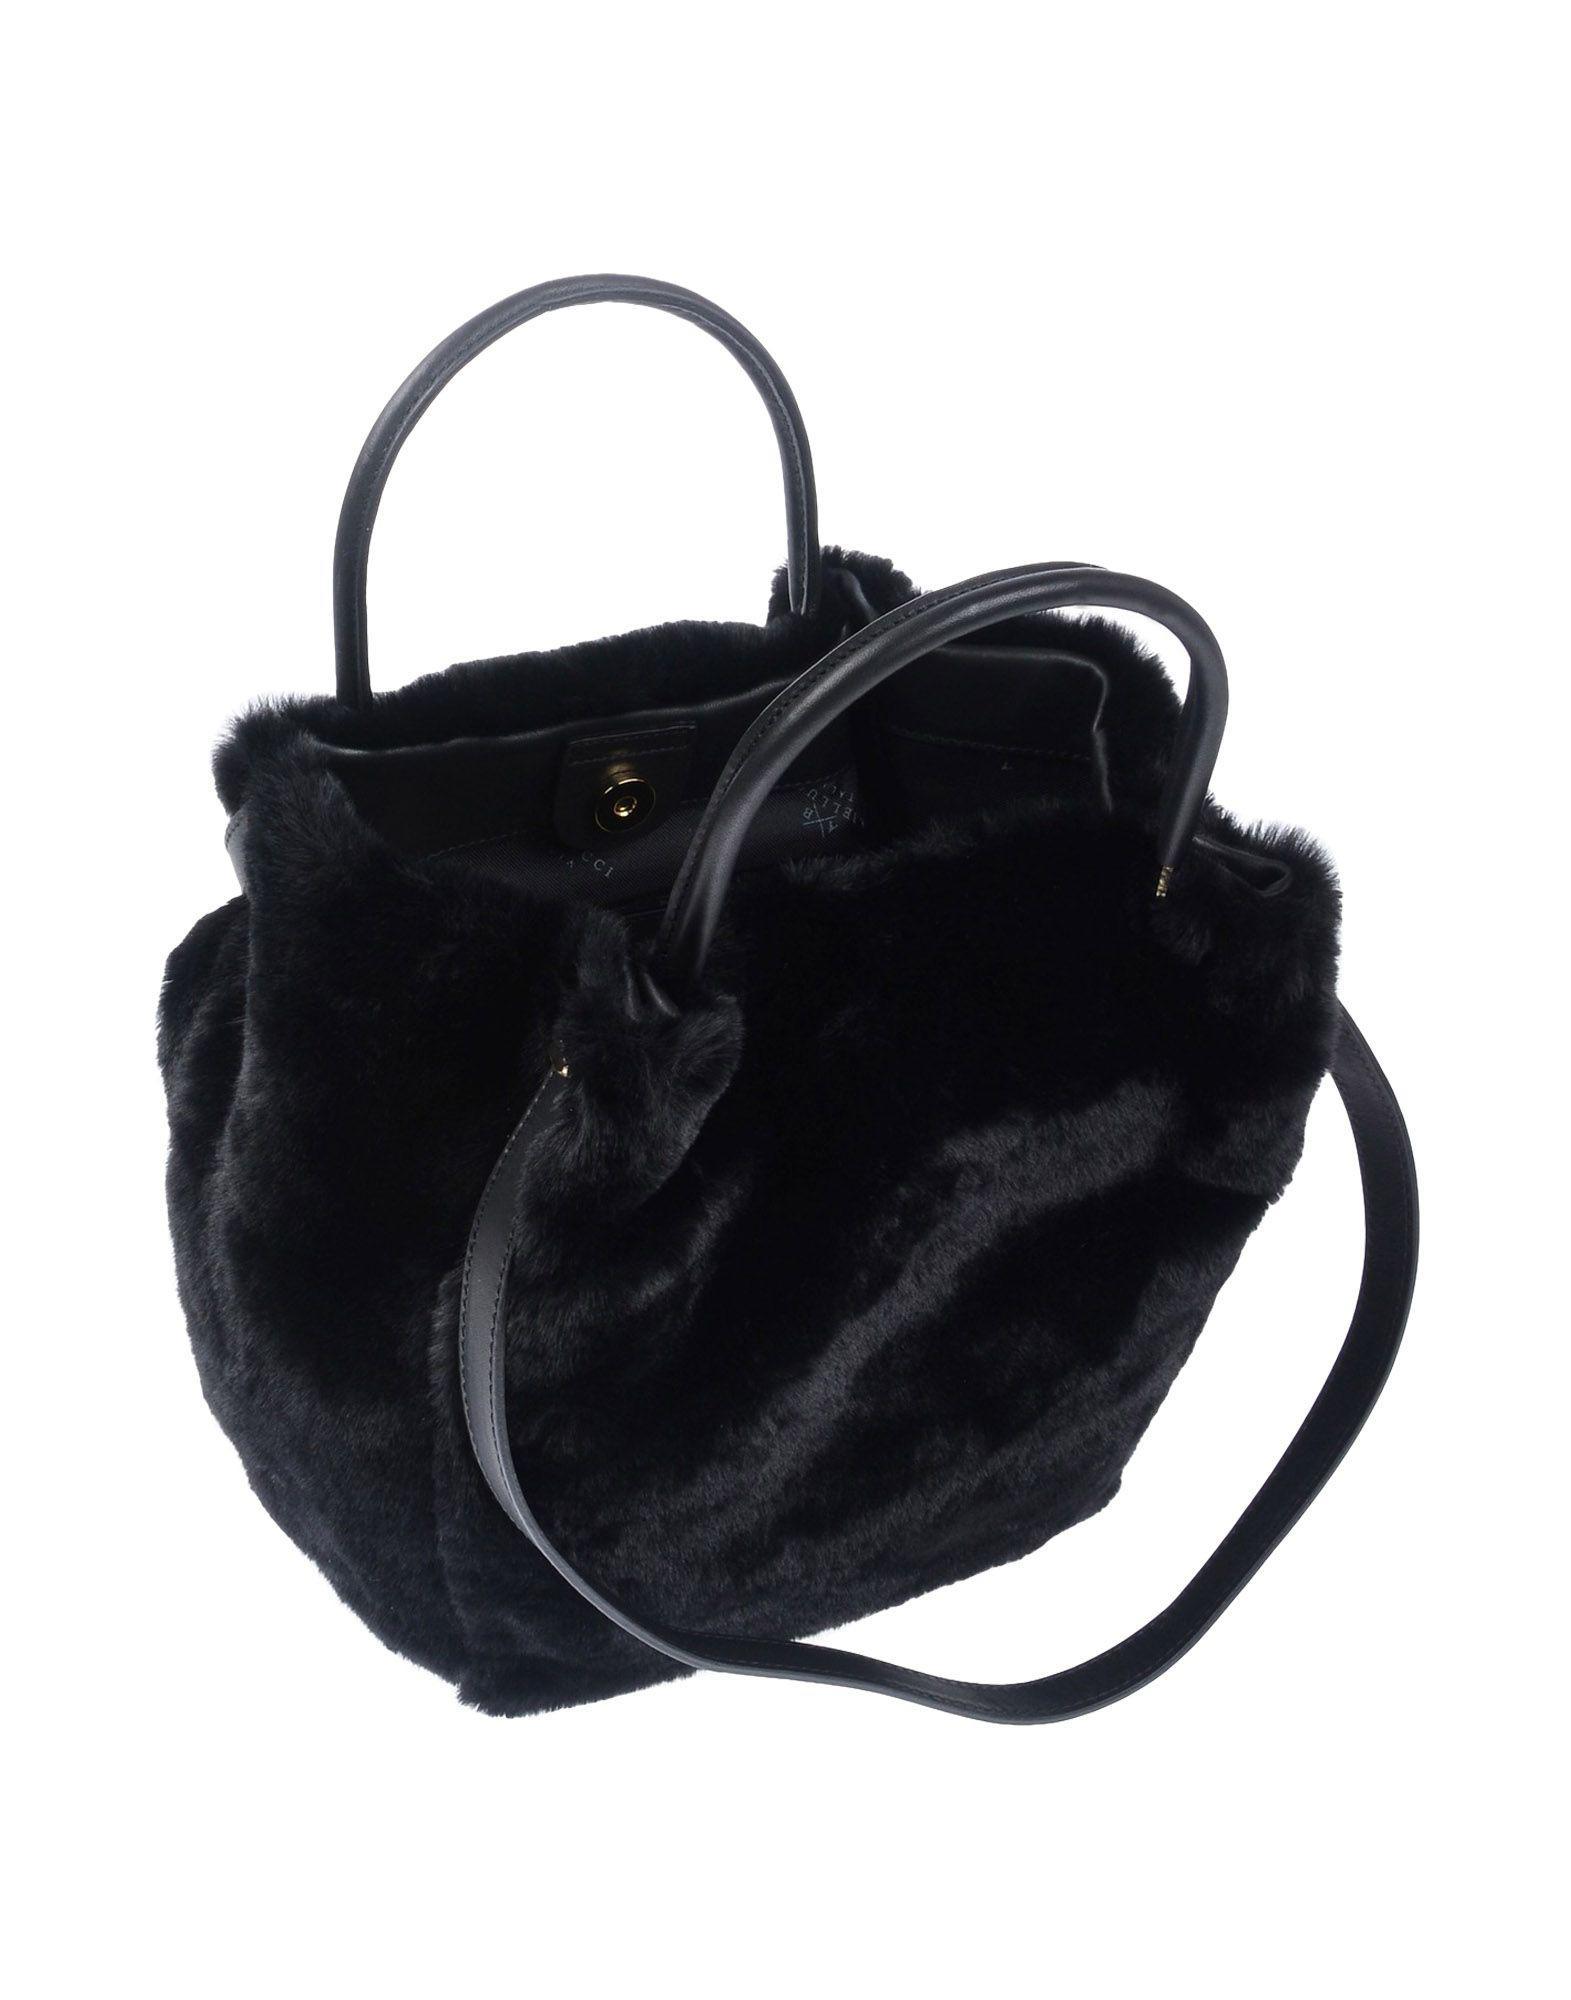 Ab Asia Bellucci Handtaschen in Schwarz CBcs0